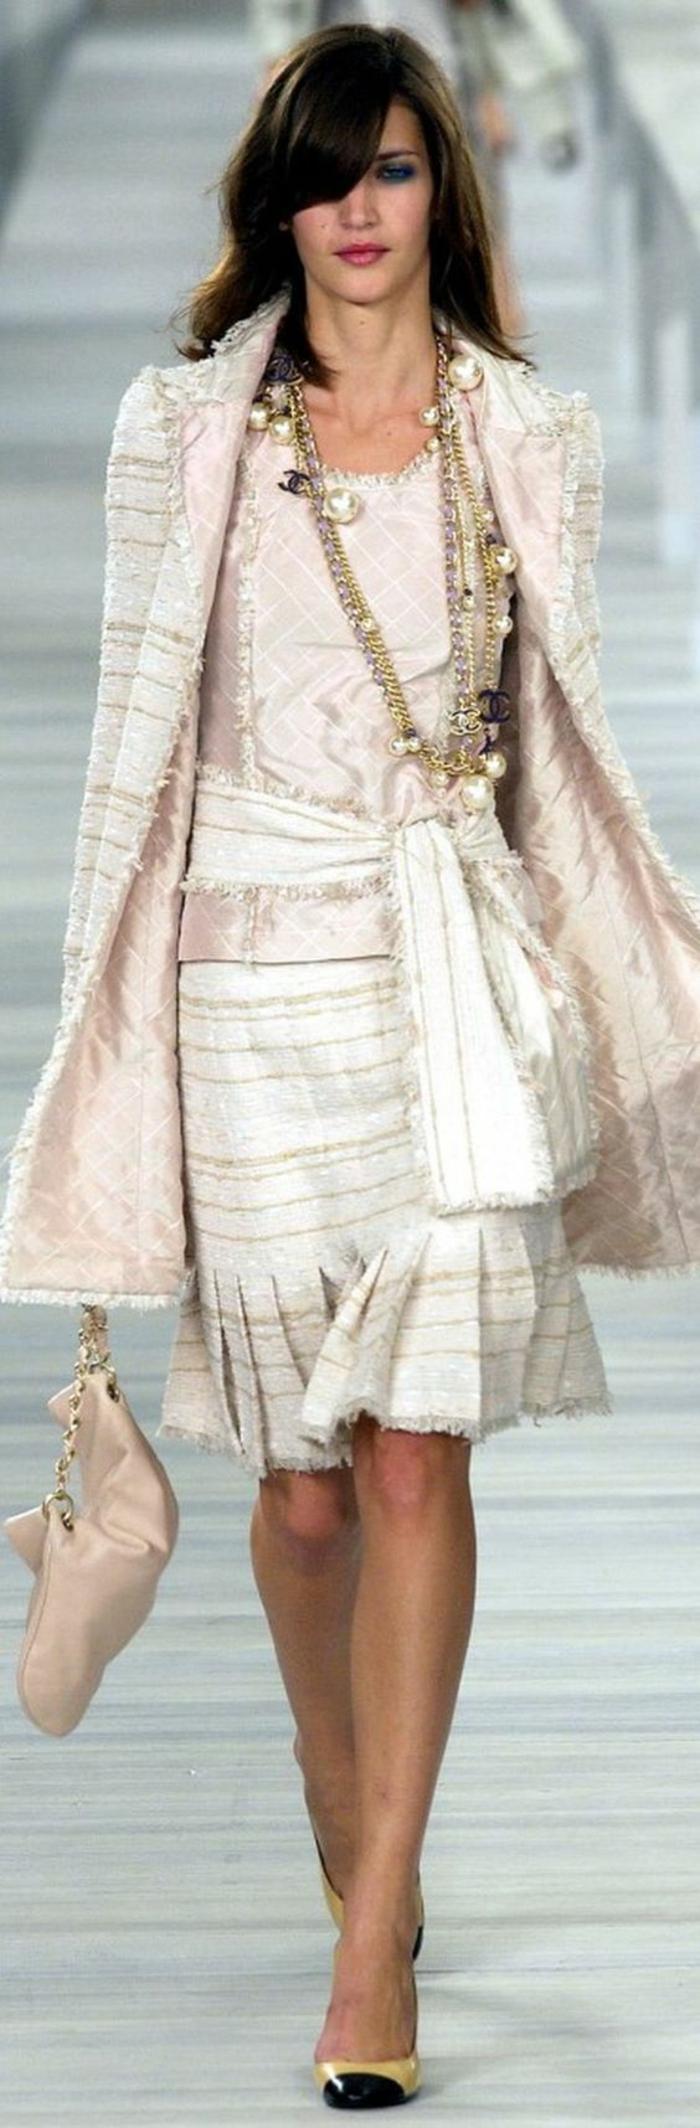 collier de perle avec une tenue habillée Chanel en rose et blanc